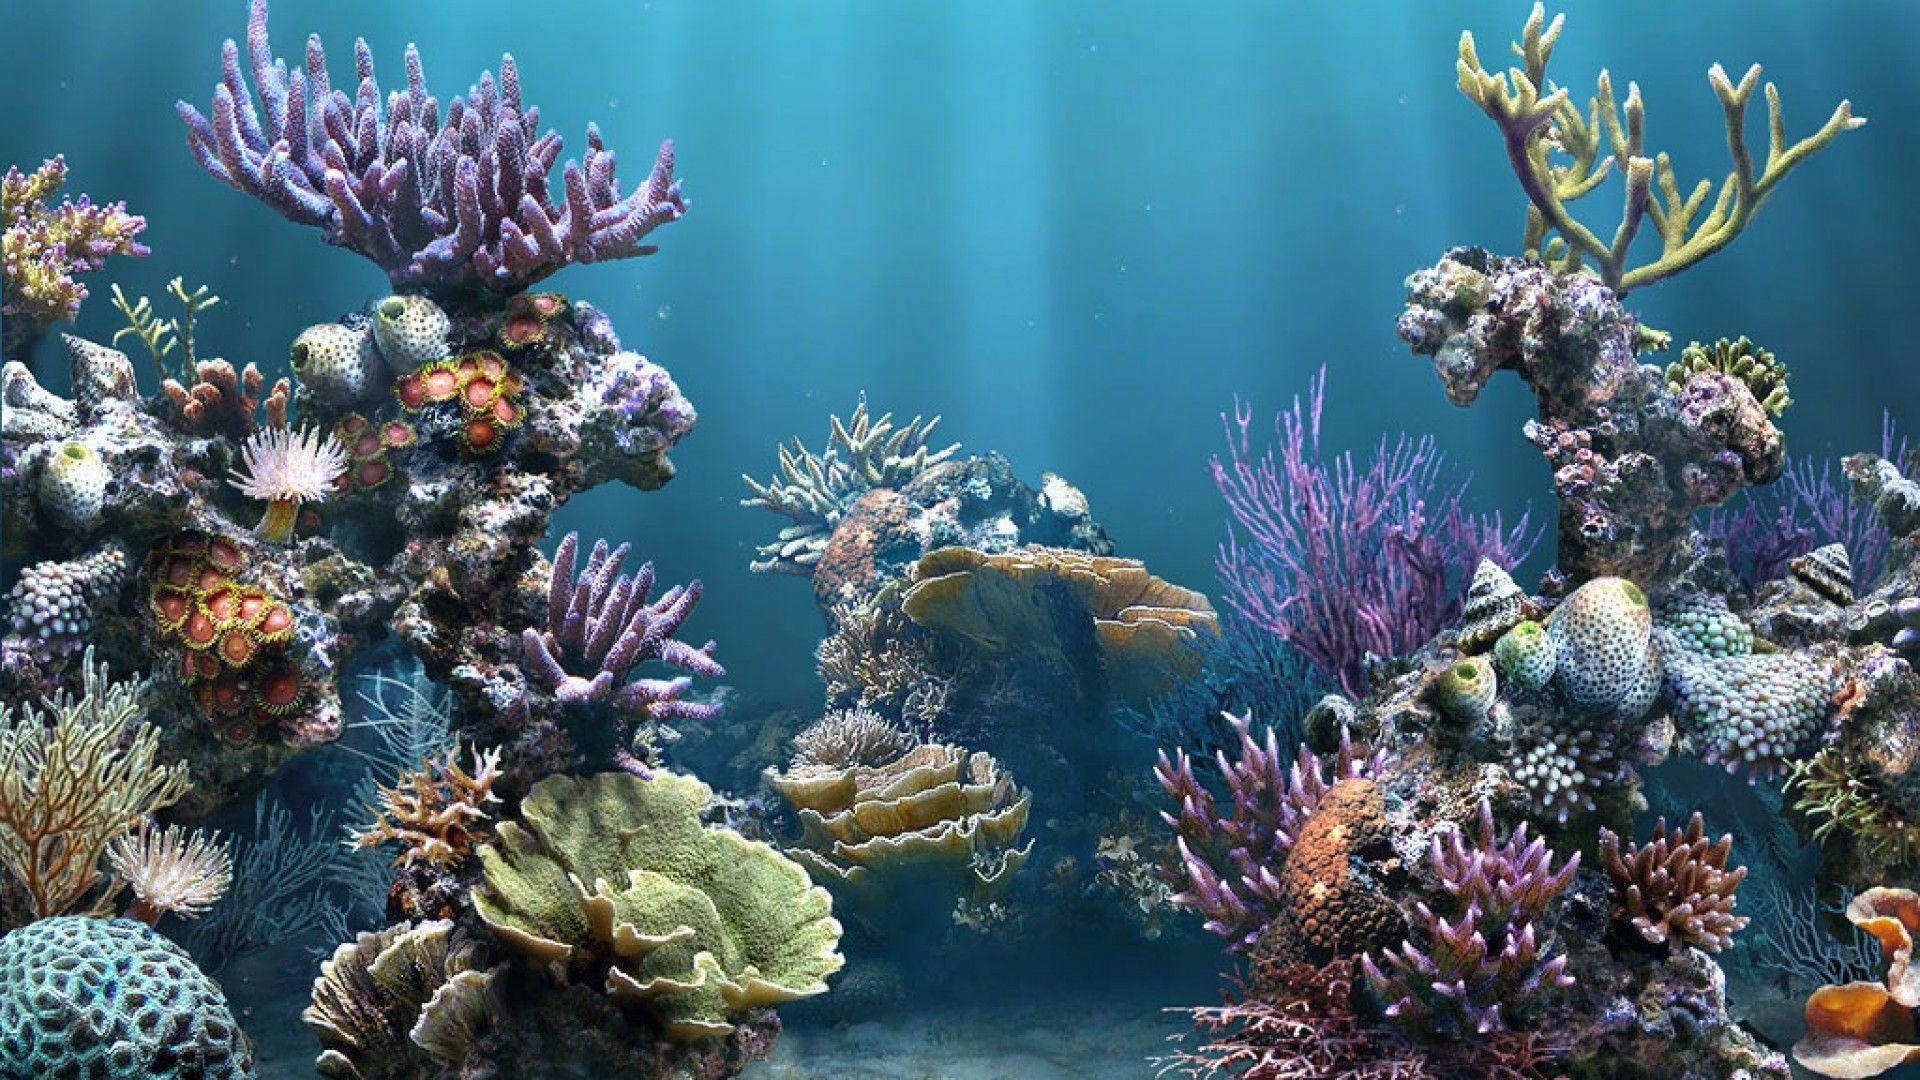 HD Aquarium Backgrounds 1080p